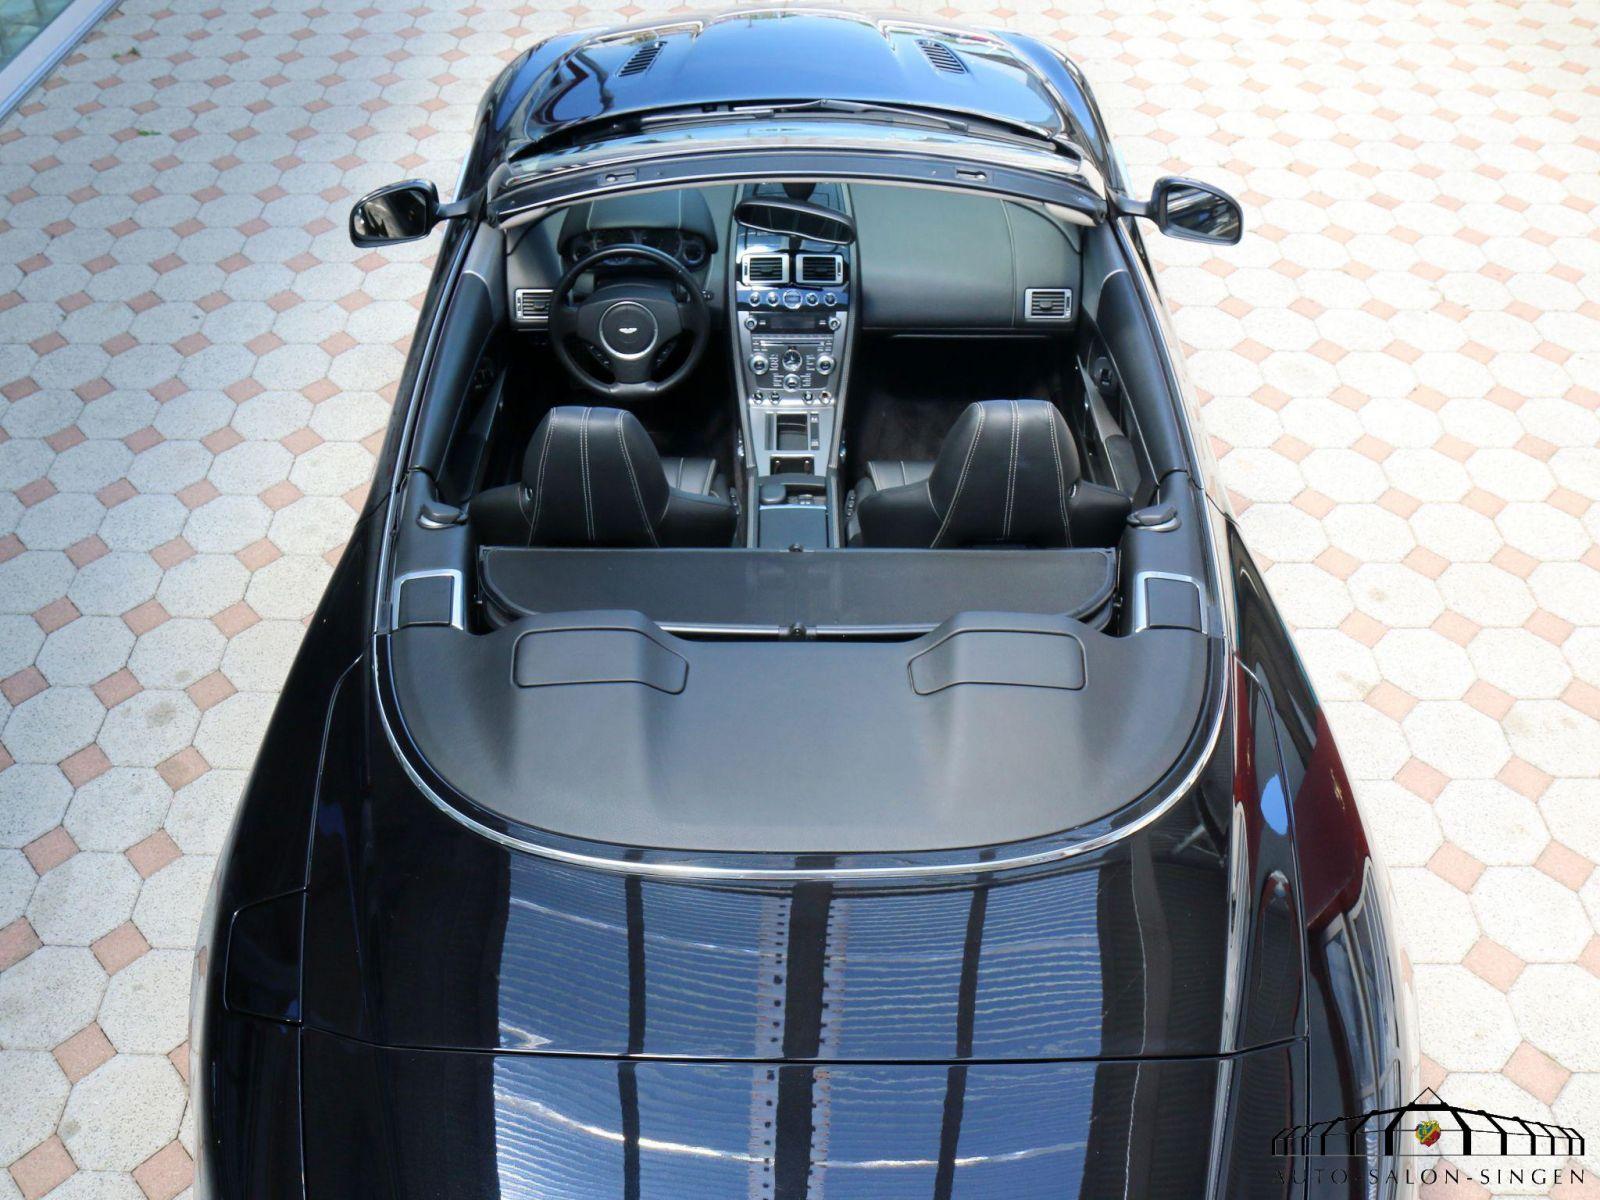 Aston Martin Auto Salon Singen